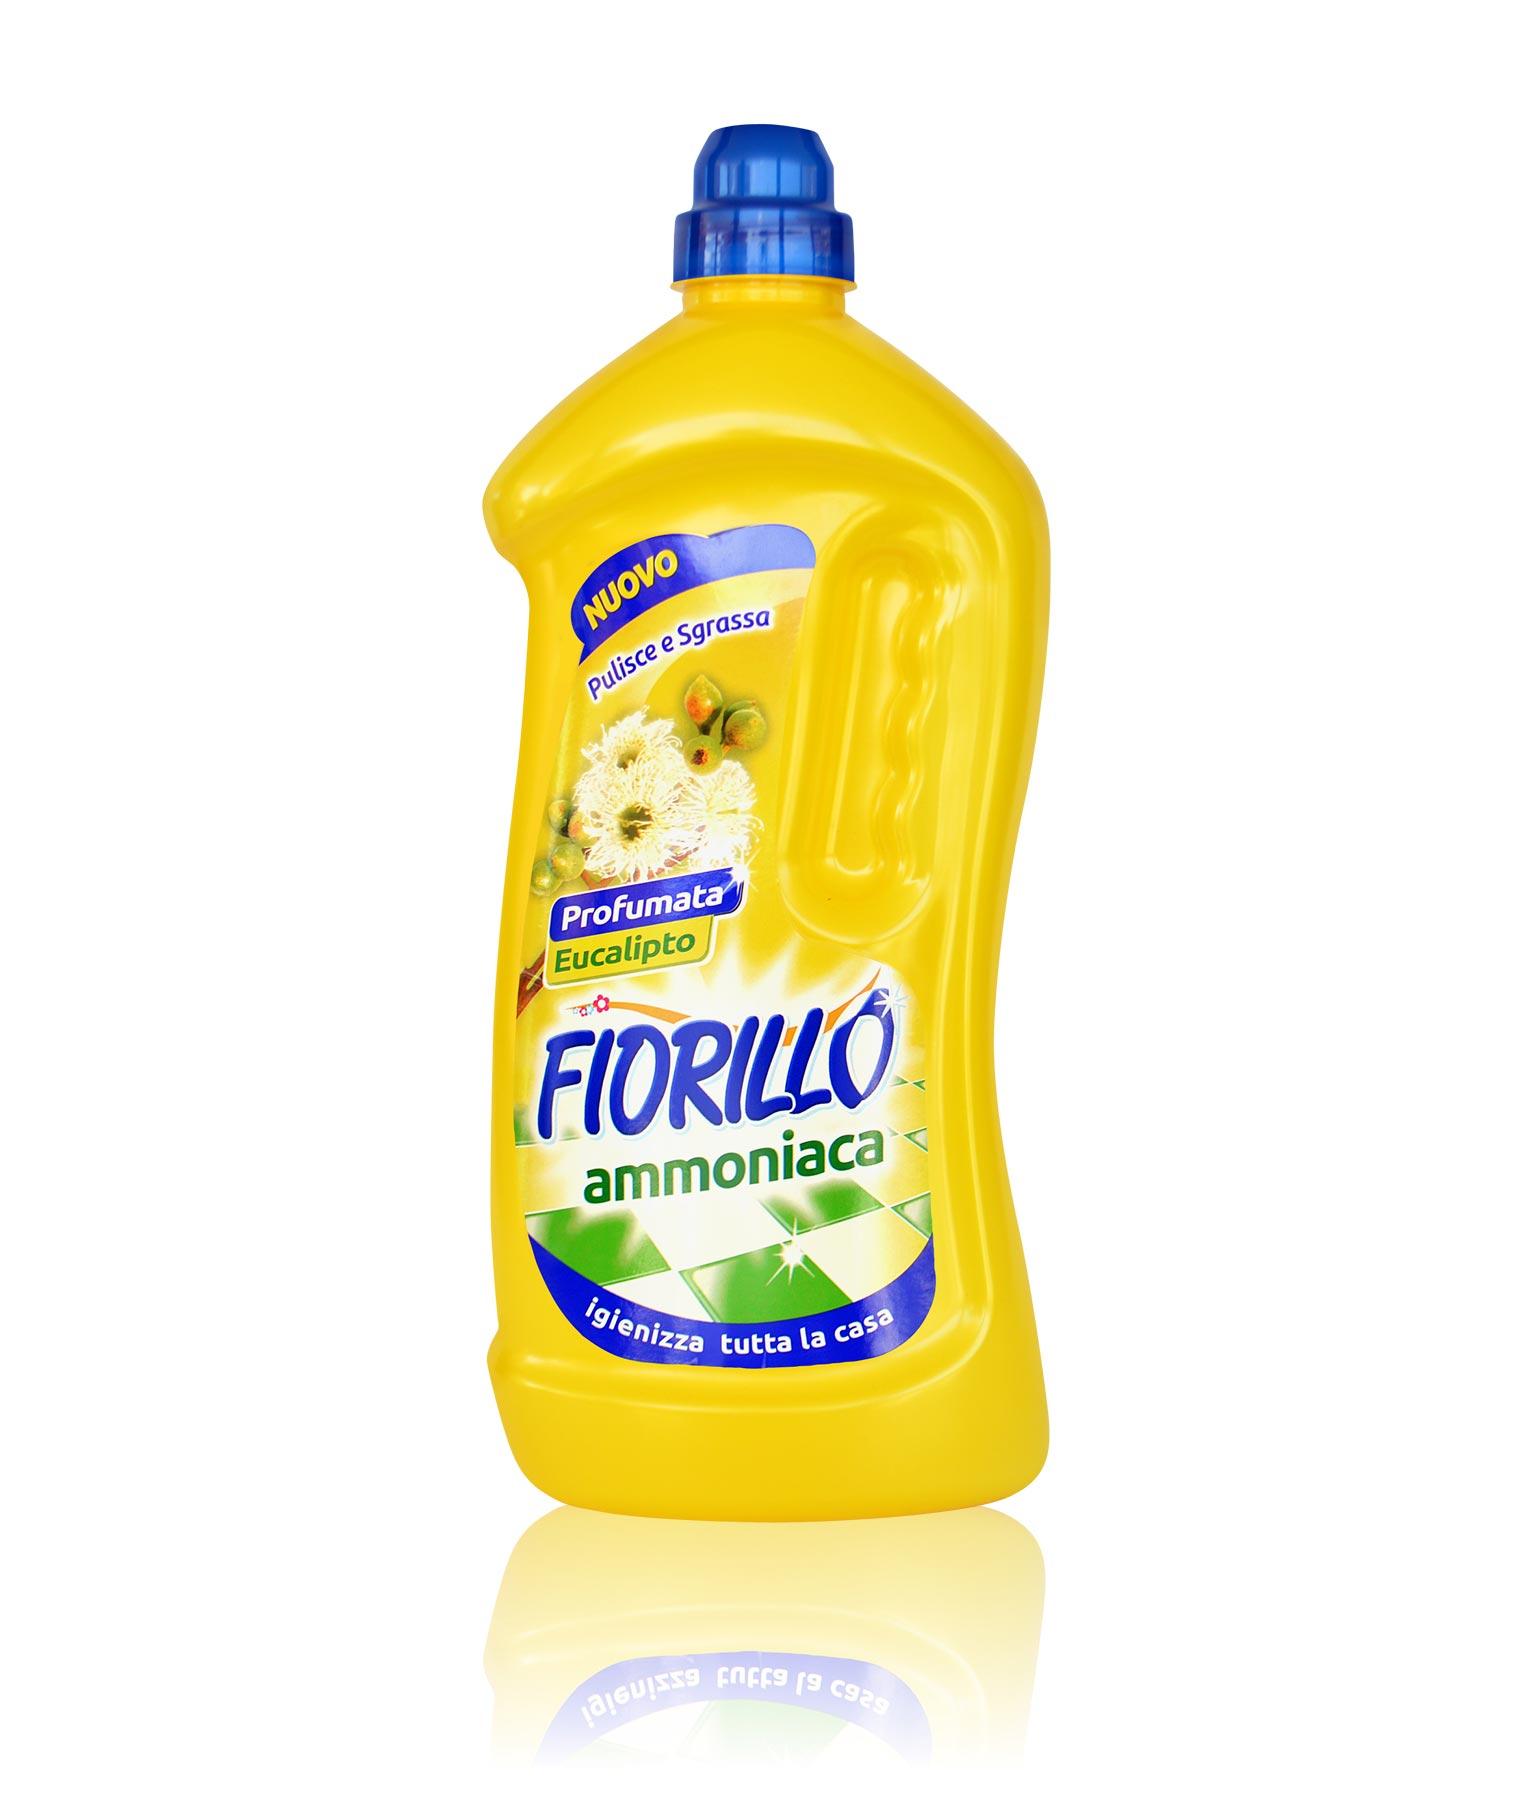 fiorillo ammoniaca casa profumata 1850 ml